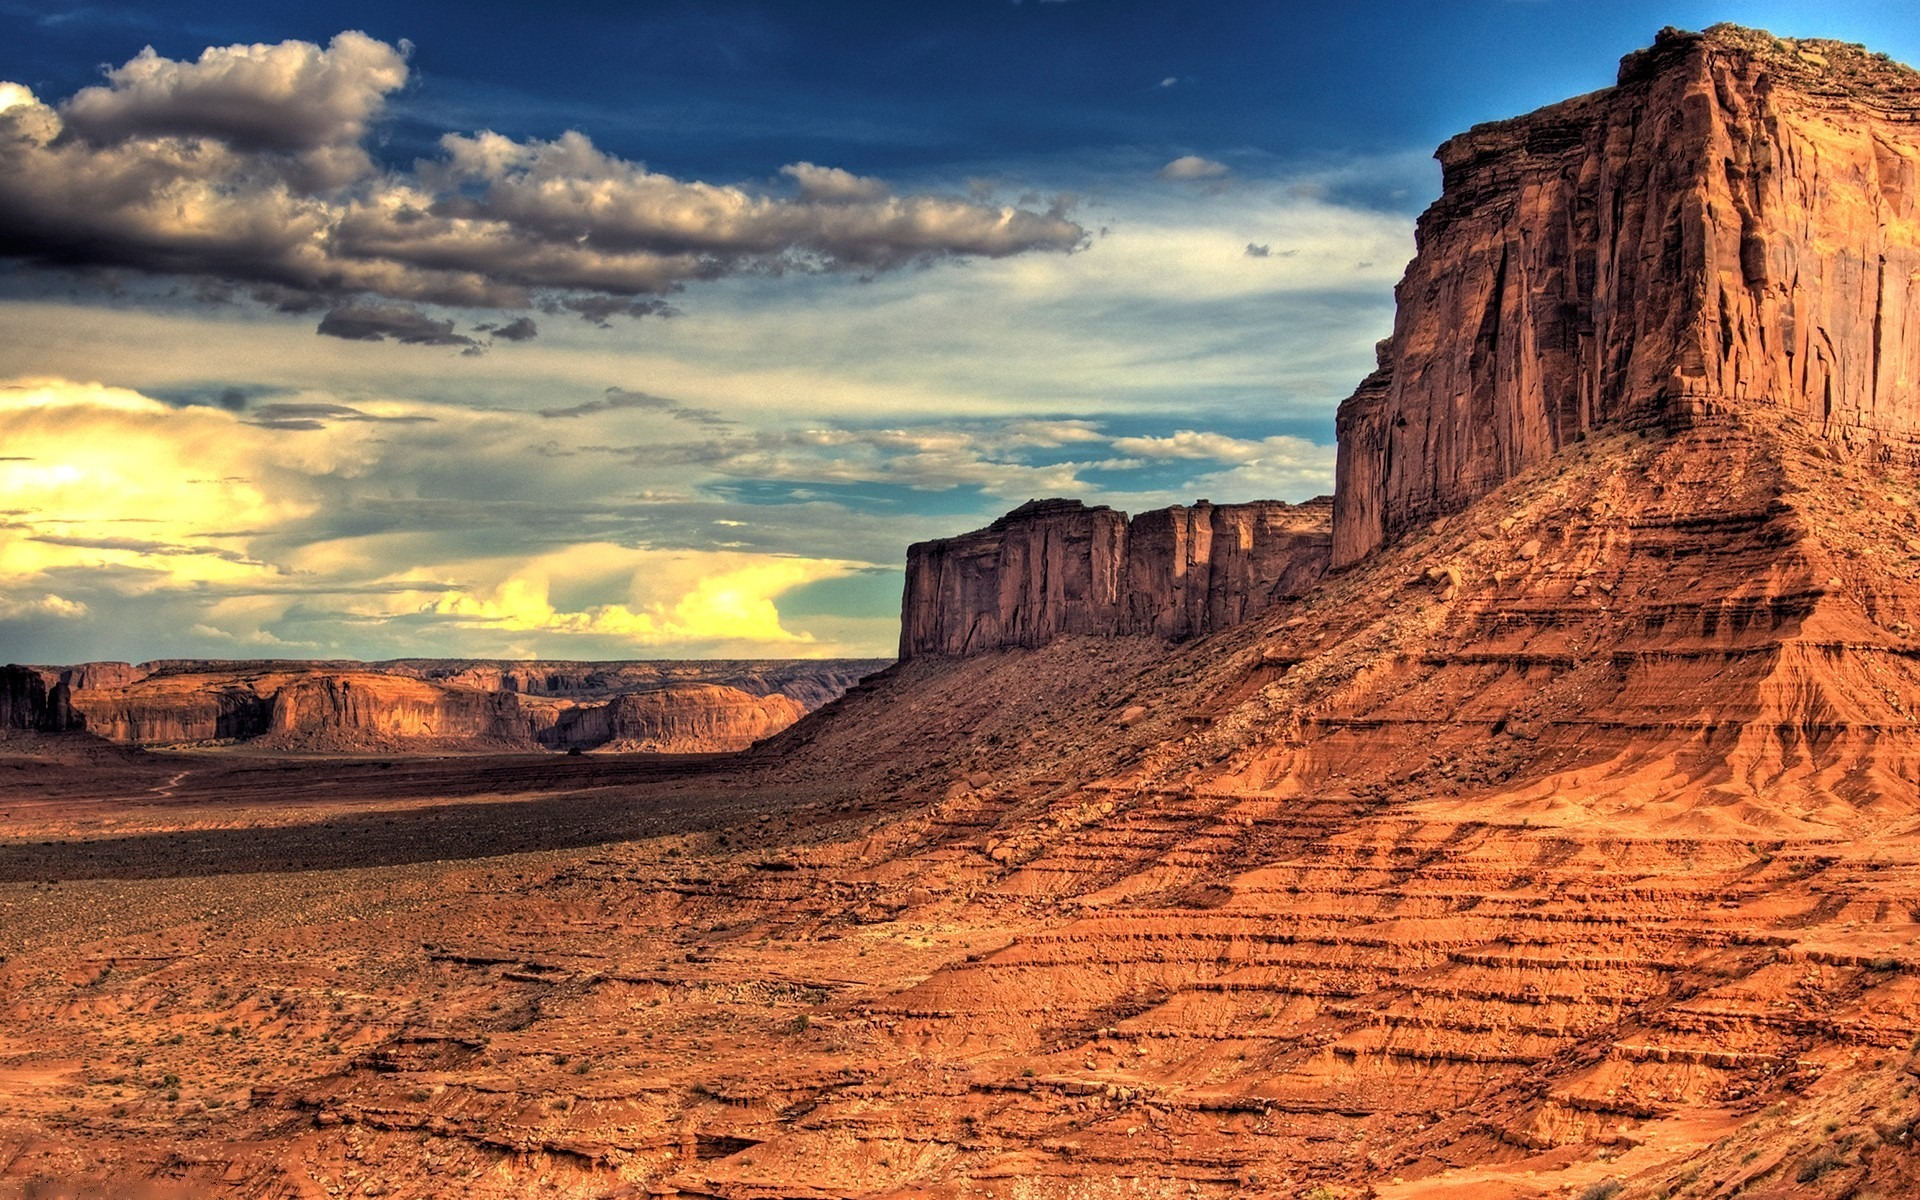 горы песок растительность небо  № 3771087  скачать